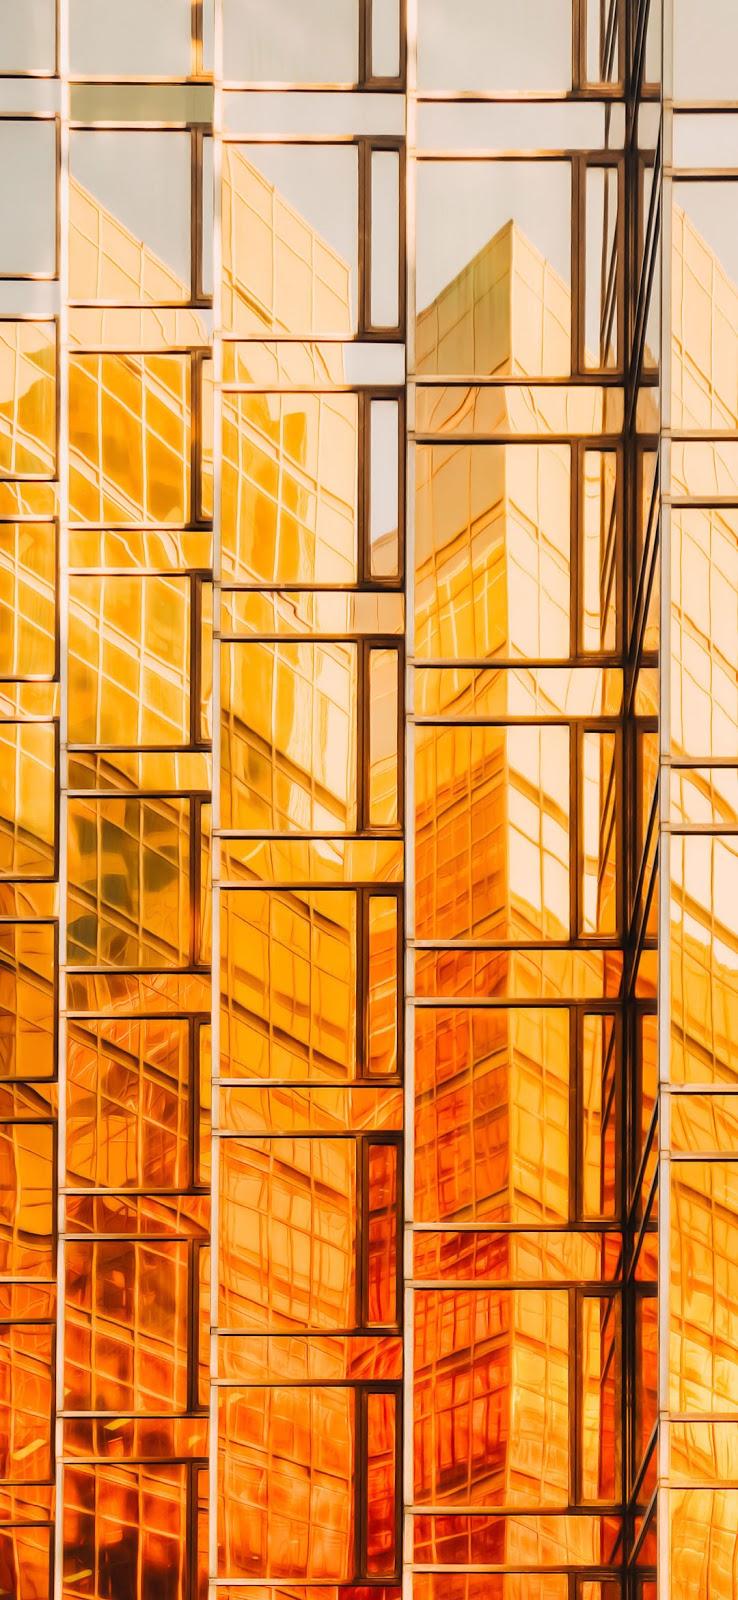 yellow golden glass building wallpaper